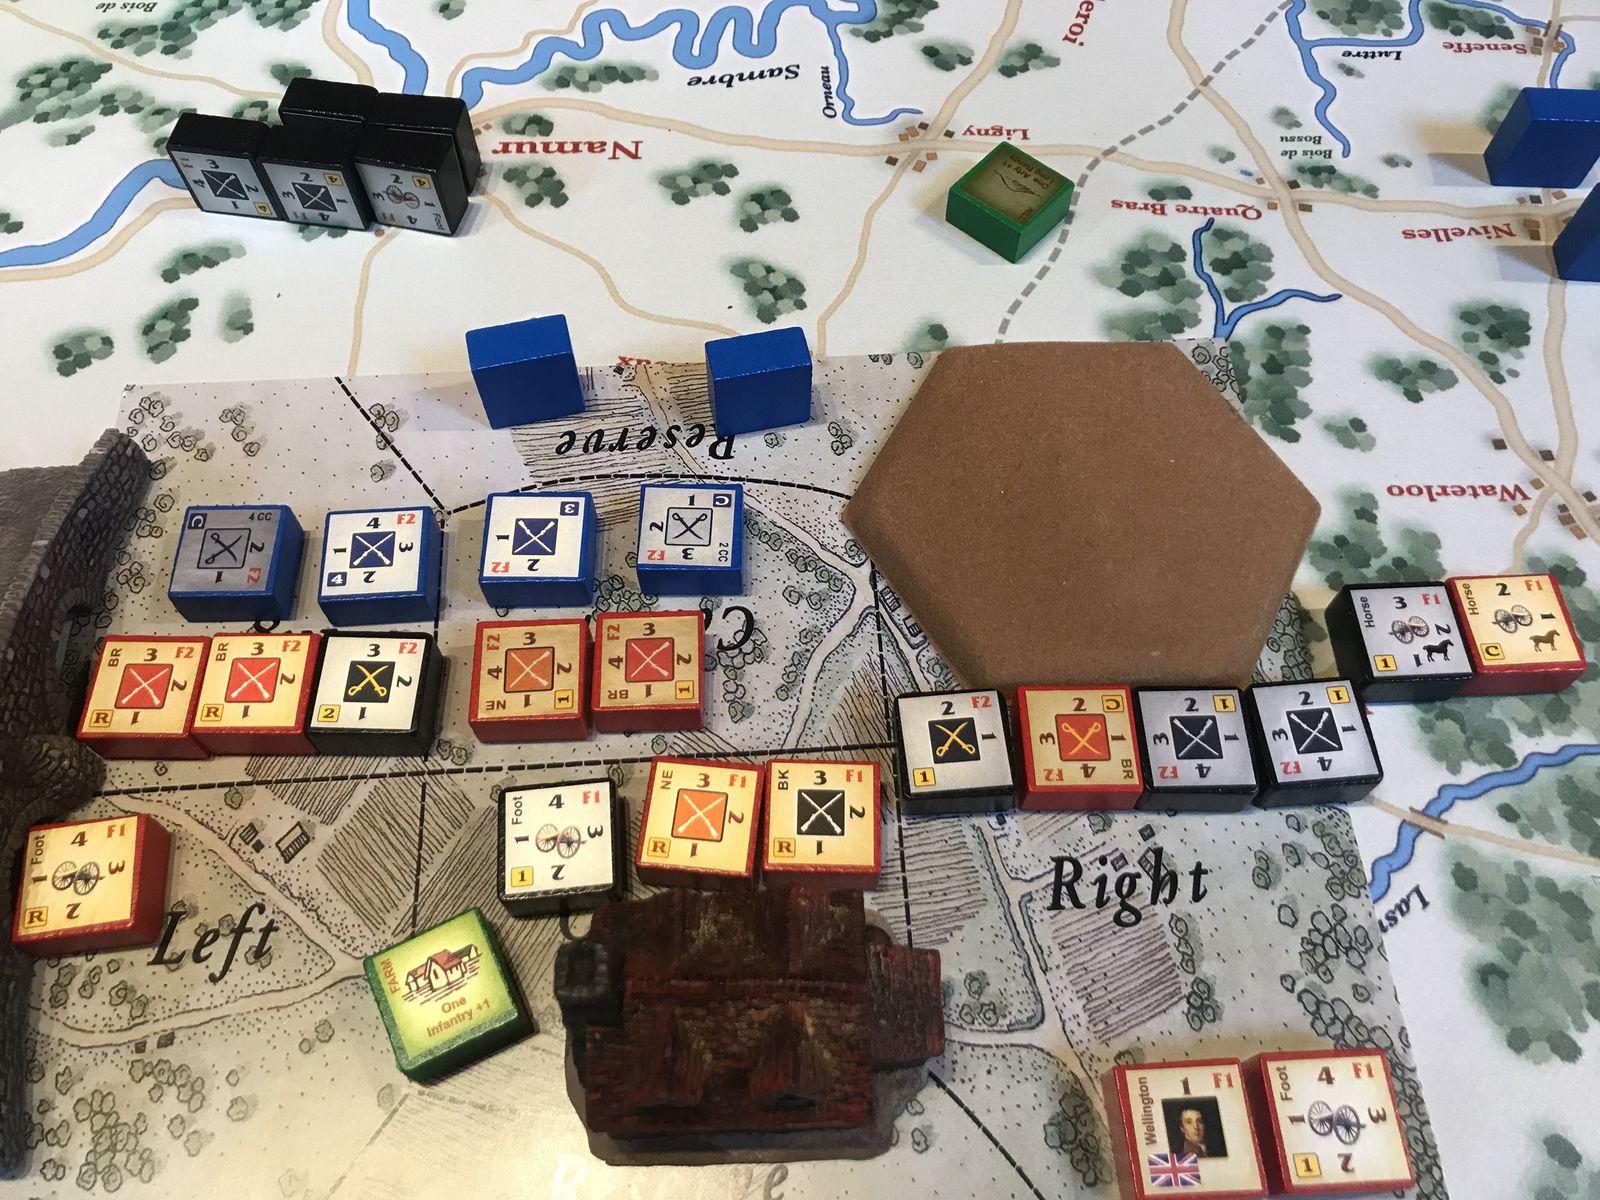 dès le deuxième tour des troupes alliés anéantissent les espoirs Français, il faut dire à 4 contre 1 ...